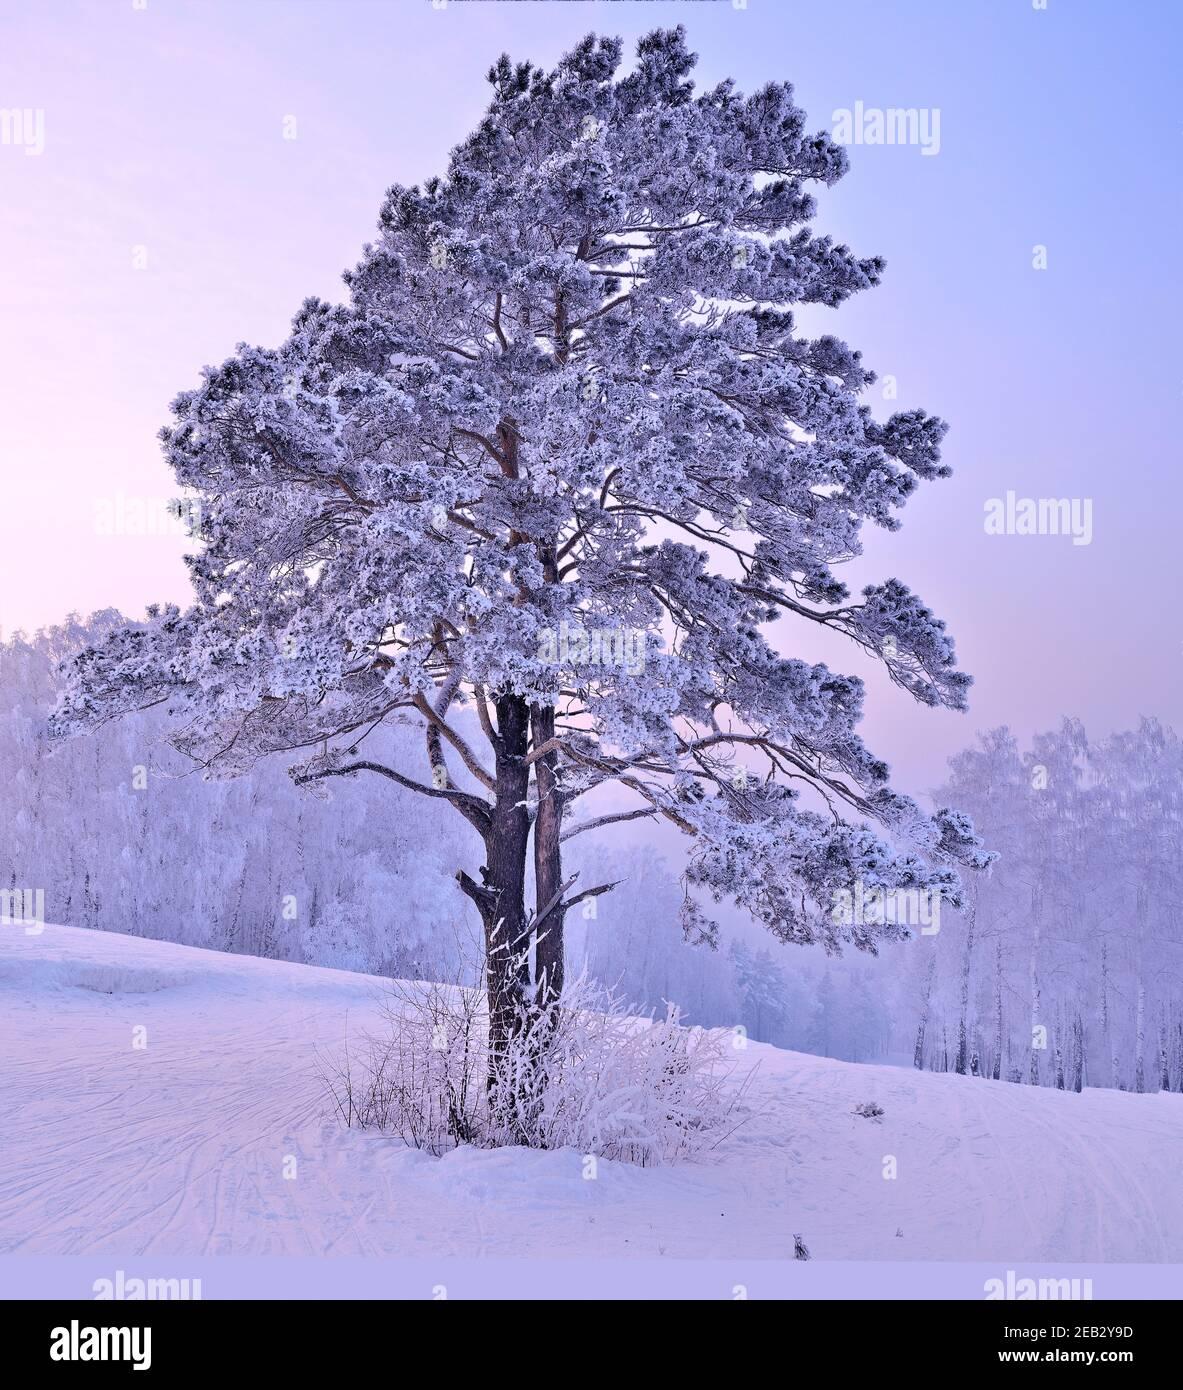 La nieve y las heladas cubrieron el pino en la cima de la colina al amanecer rosa. Paisaje atmosférico de invierno - cuento de hadas de la naturaleza. Pistas de esquí en pendiente nevada - a. Foto de stock